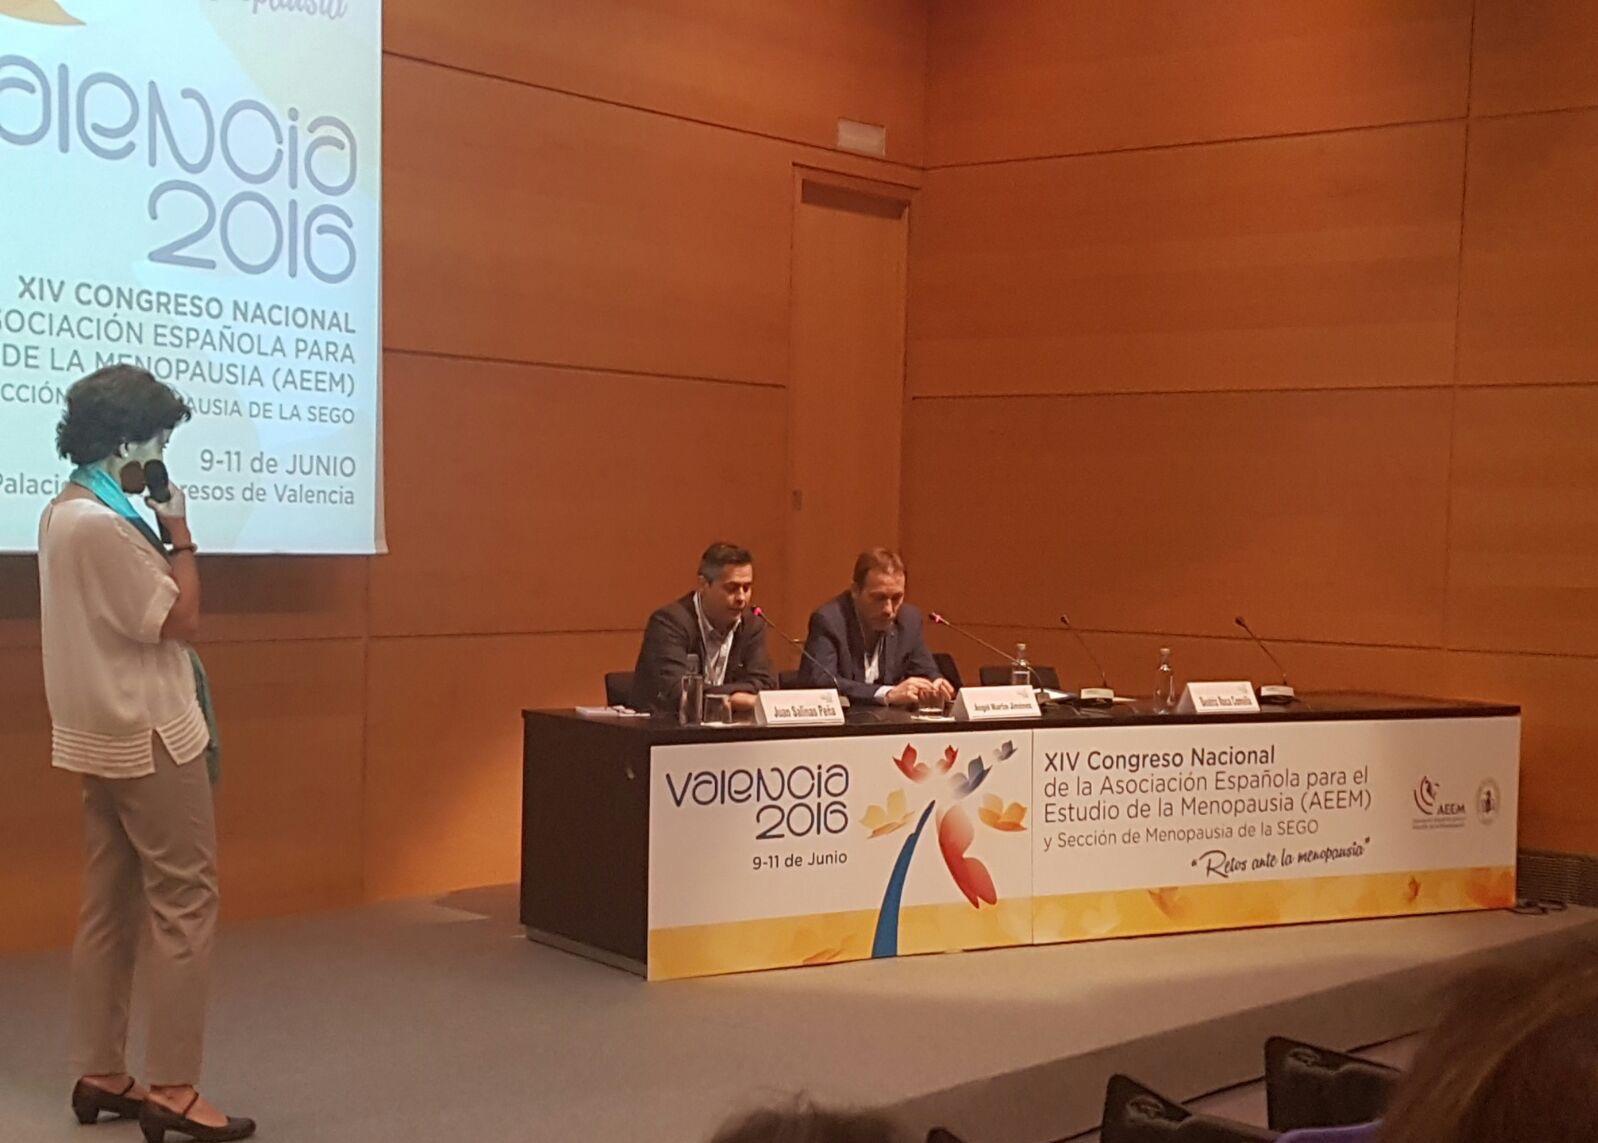 El Dr. J. Salinas participa junto al Dr. Ángel Martín en una tertulia en el XIV Congreso Nacional de la Asociación para el Estudio de la Menopausia (AEEM) y Sección de Menopausia de la SEGO celebrado en Valencia.